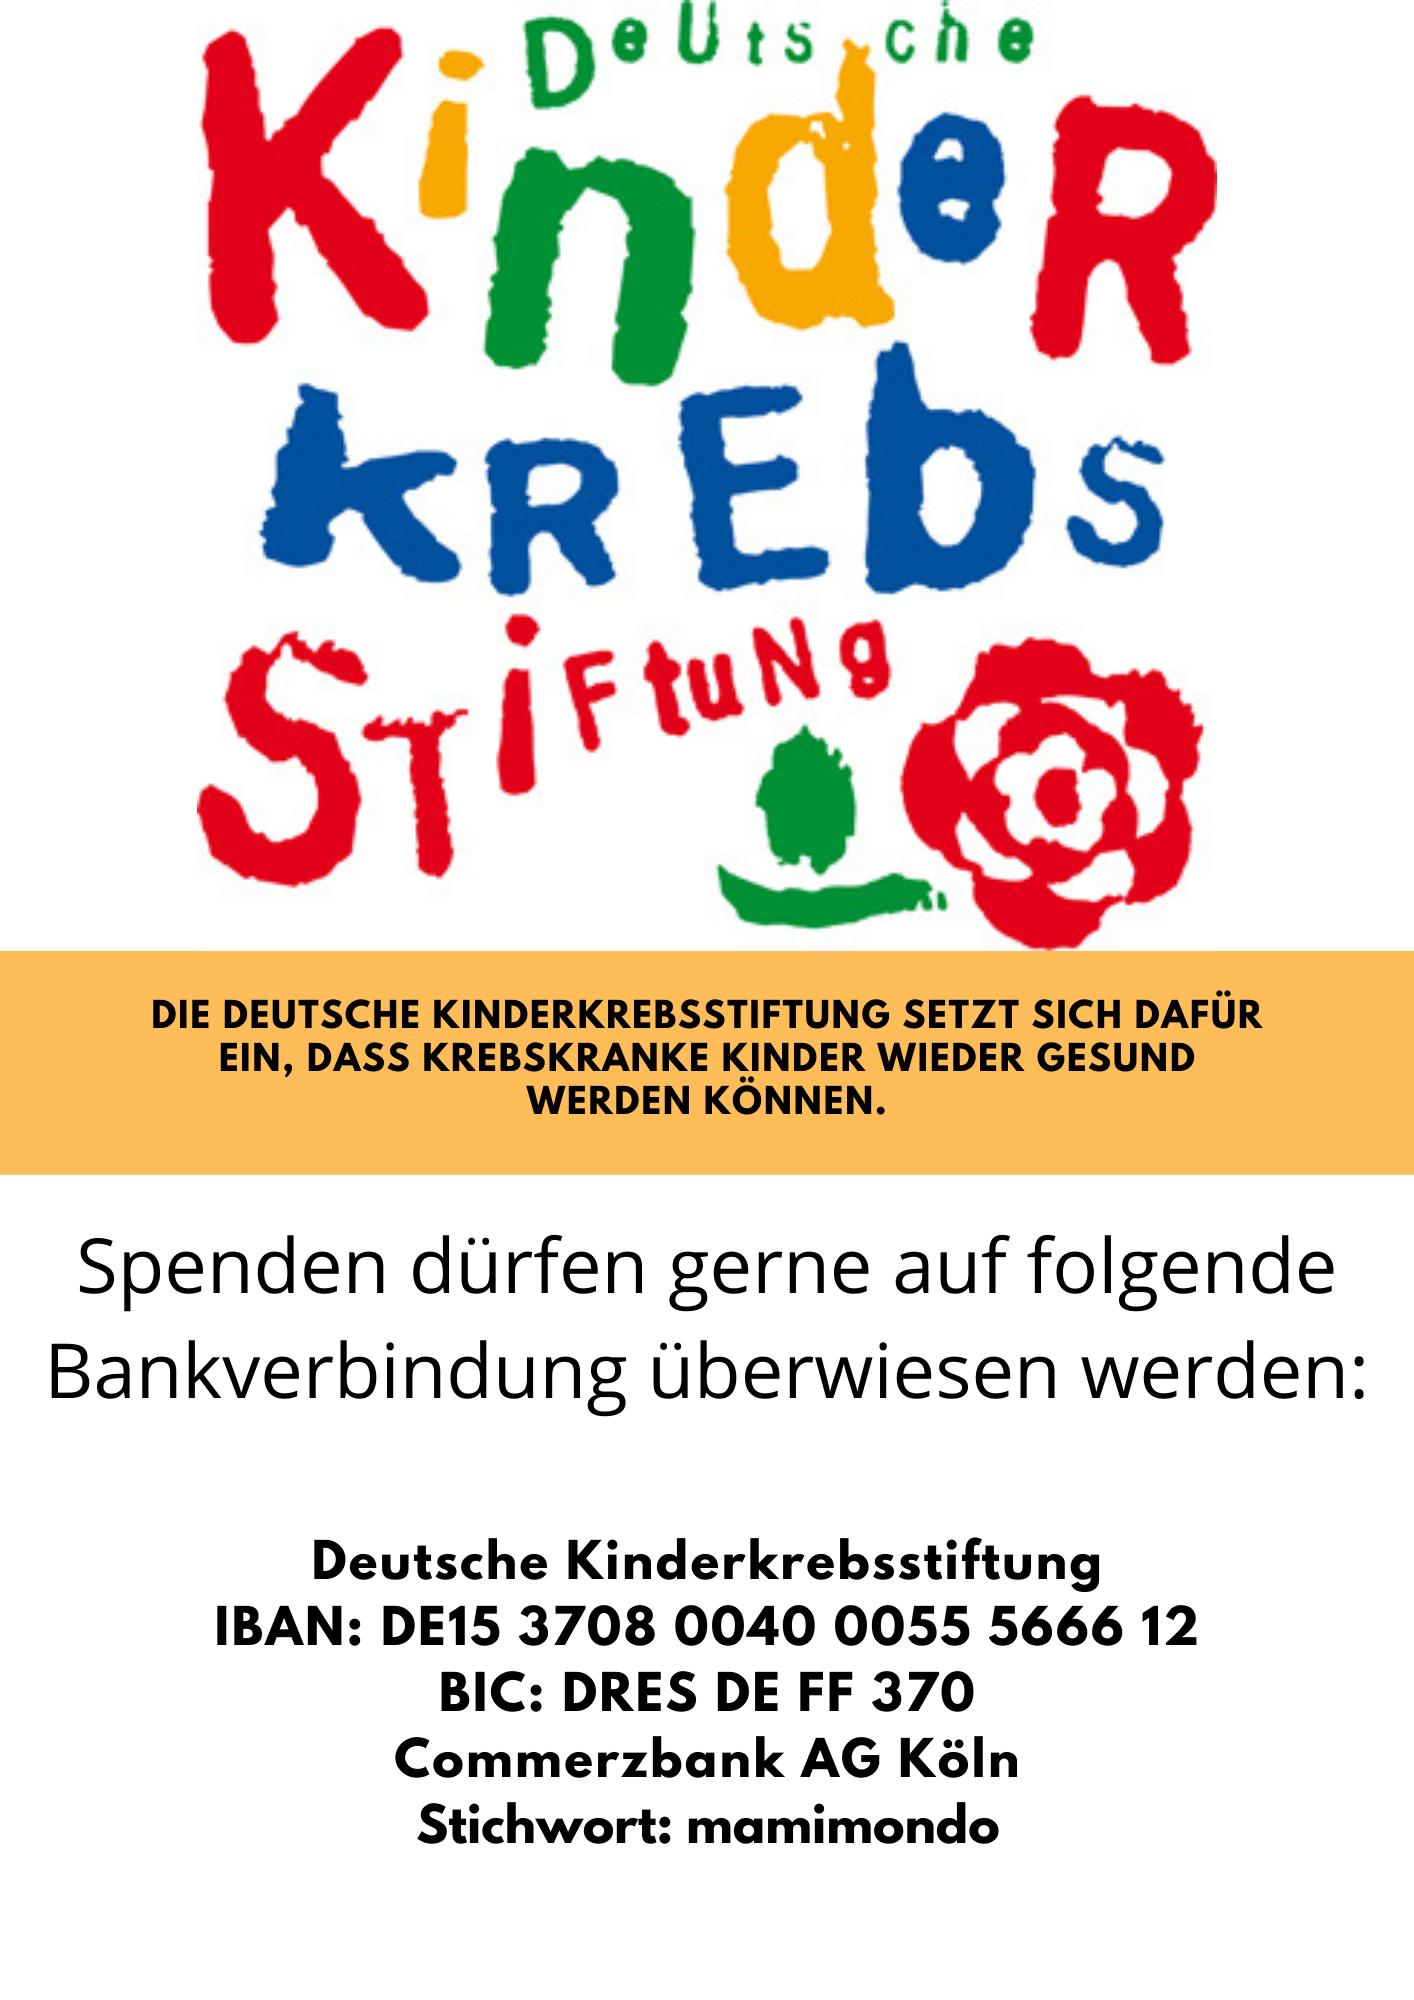 Logo Deutsche Kinder Krebs Stiftung